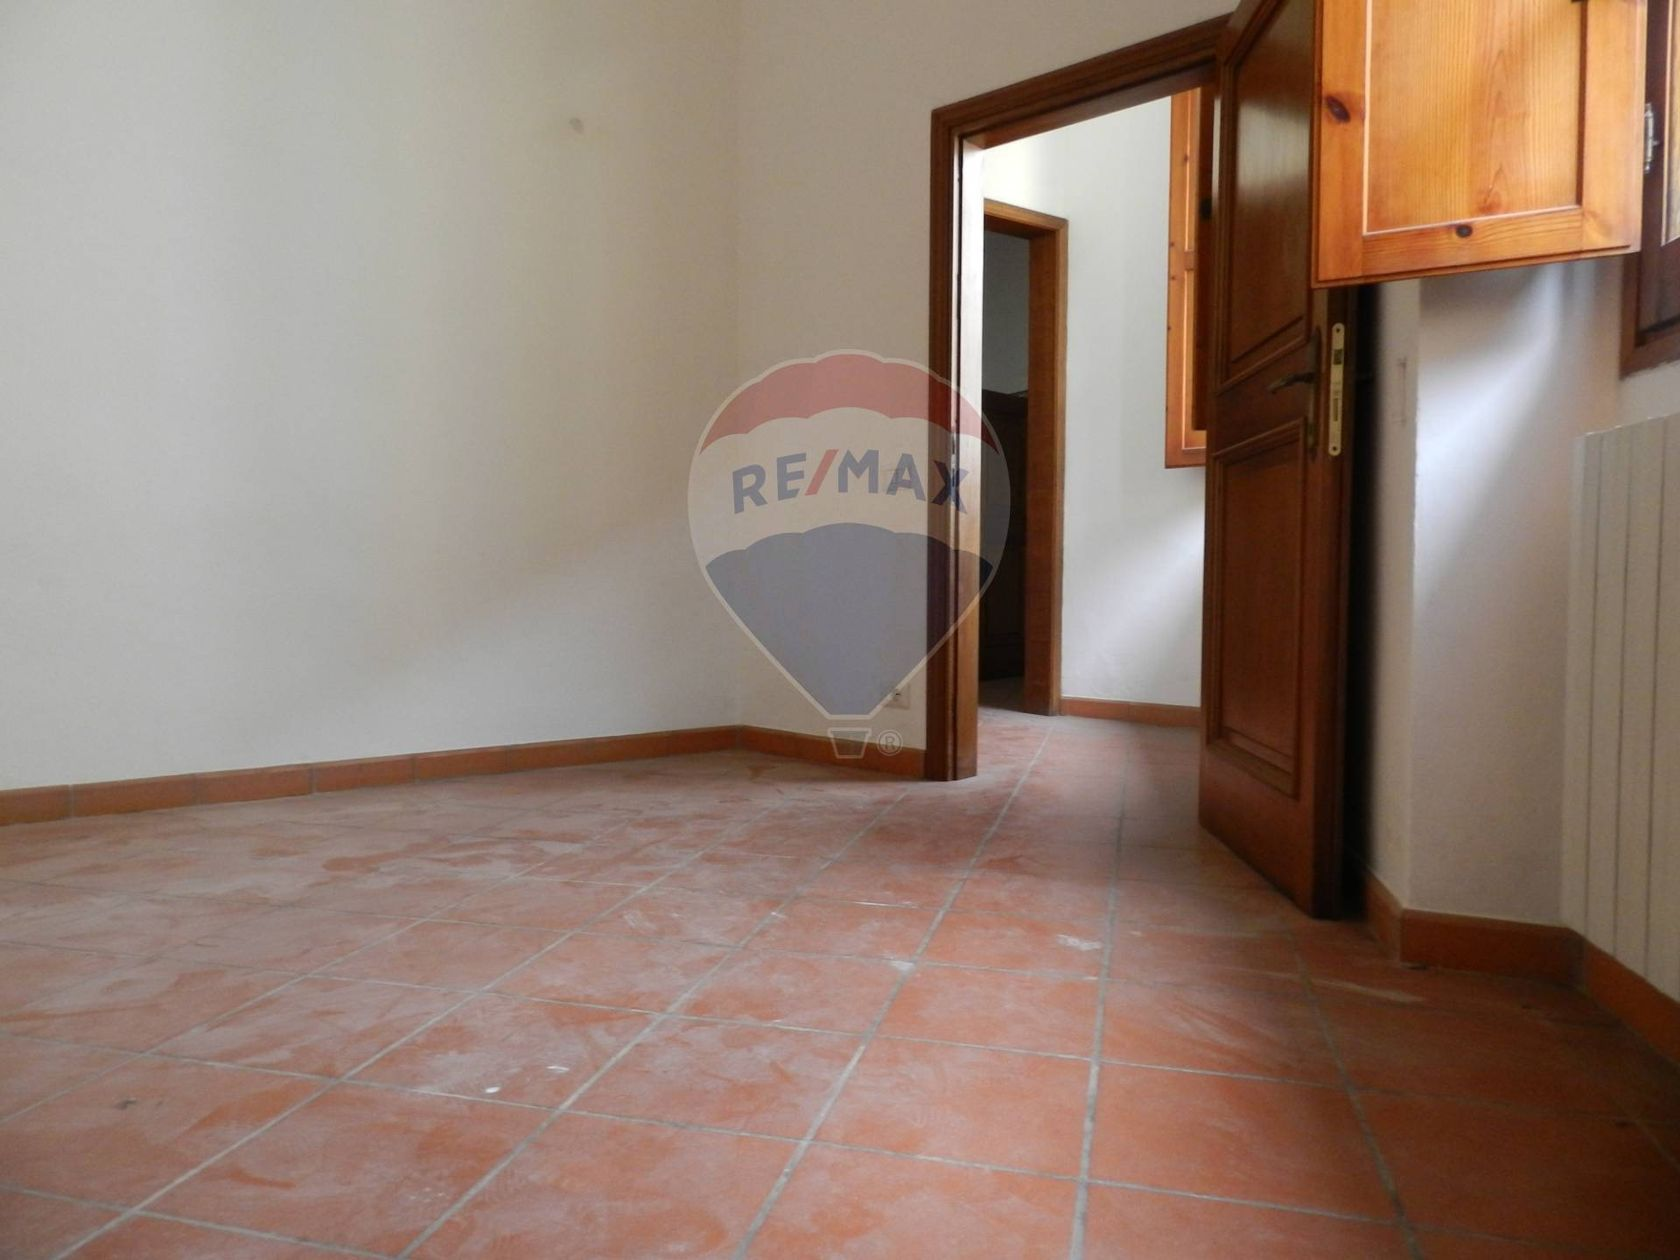 Appartamento Centro Duomo, Firenze, FI Vendita - Foto 22